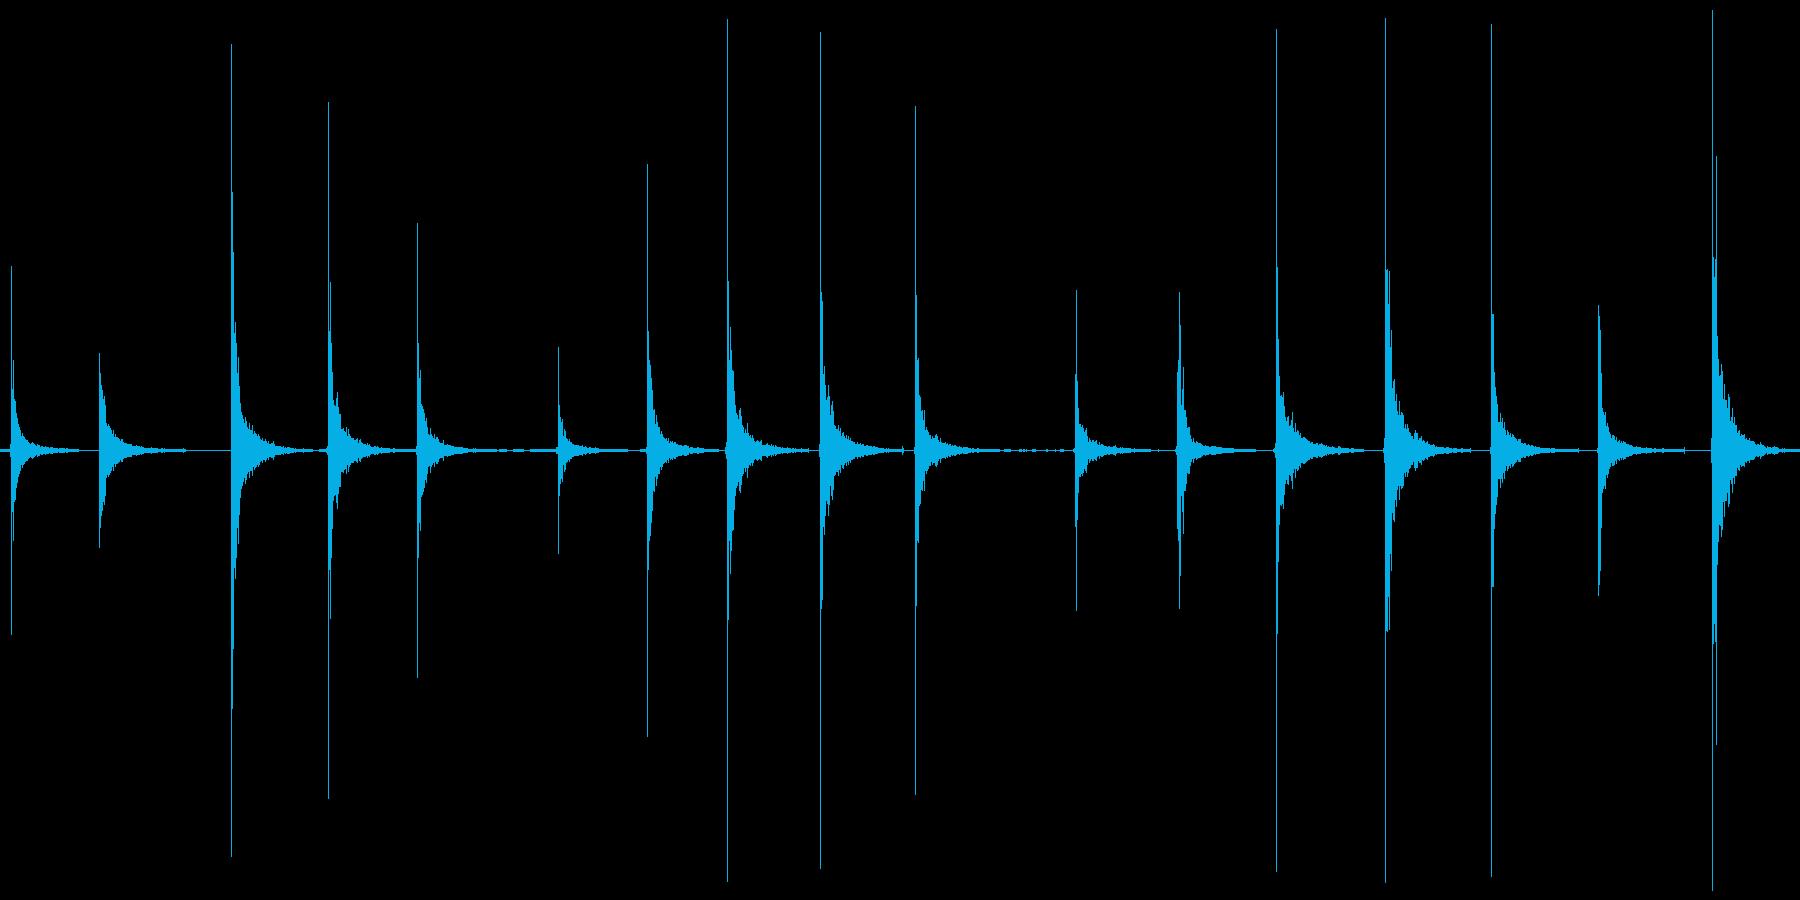 カーン カツッ という足音をひたすら収録の再生済みの波形